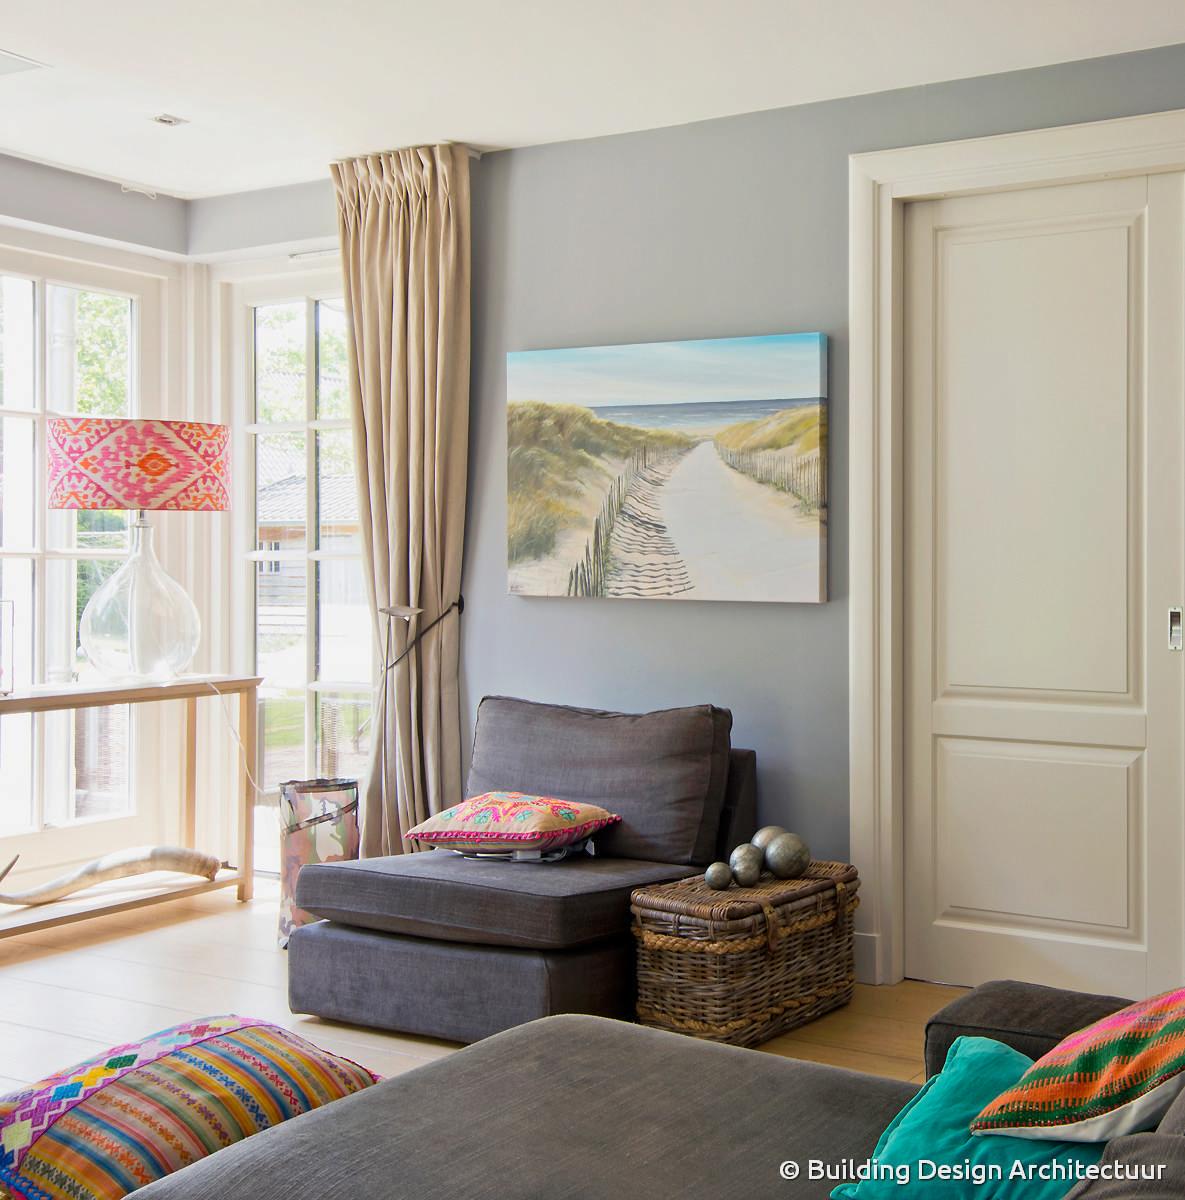 3775_06-238_interieur-vrijstaande-woning_noordwijk_V1.jpg